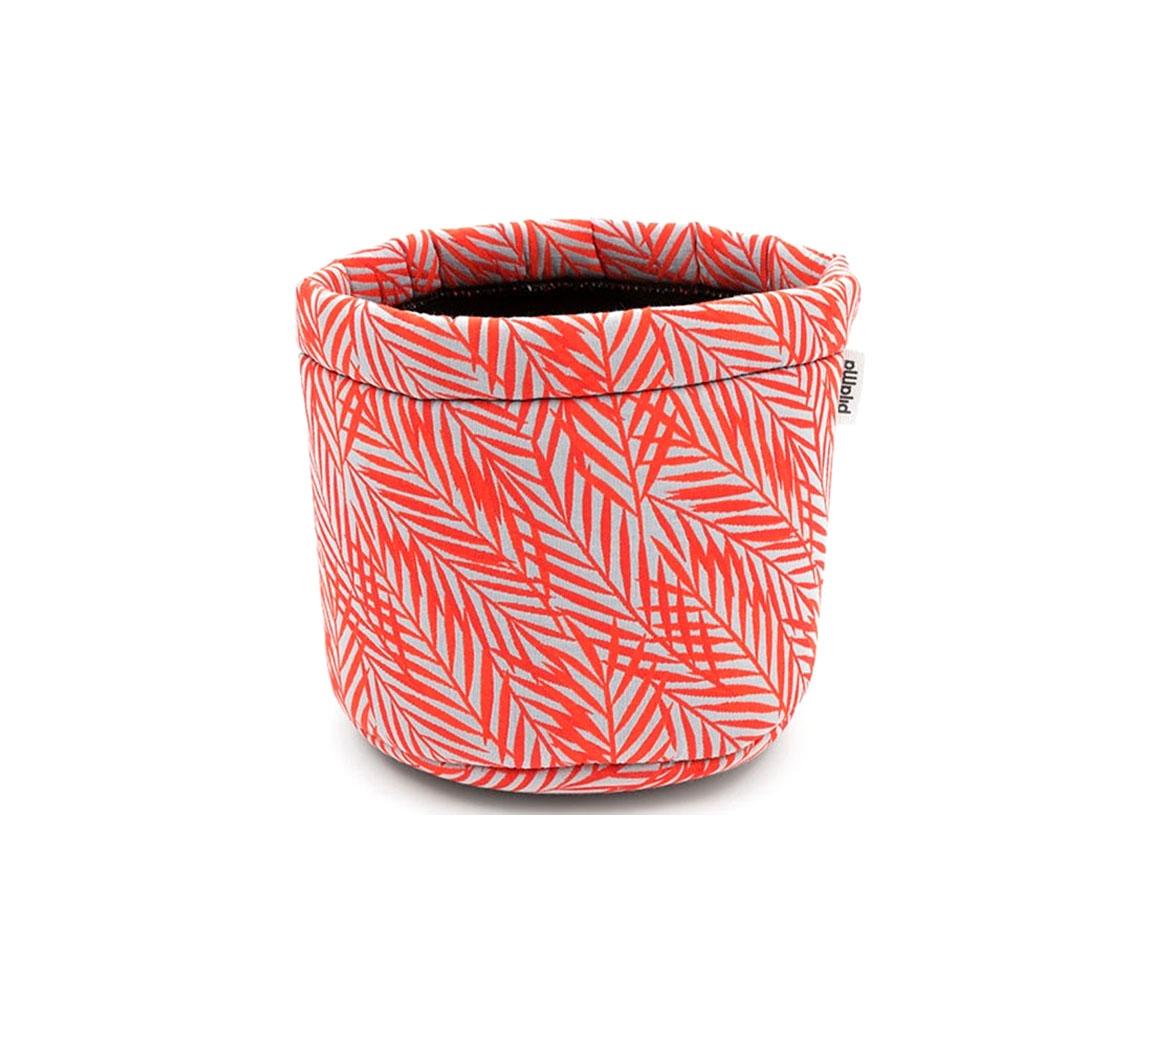 Cache pot décoratif moyen Cachepot M